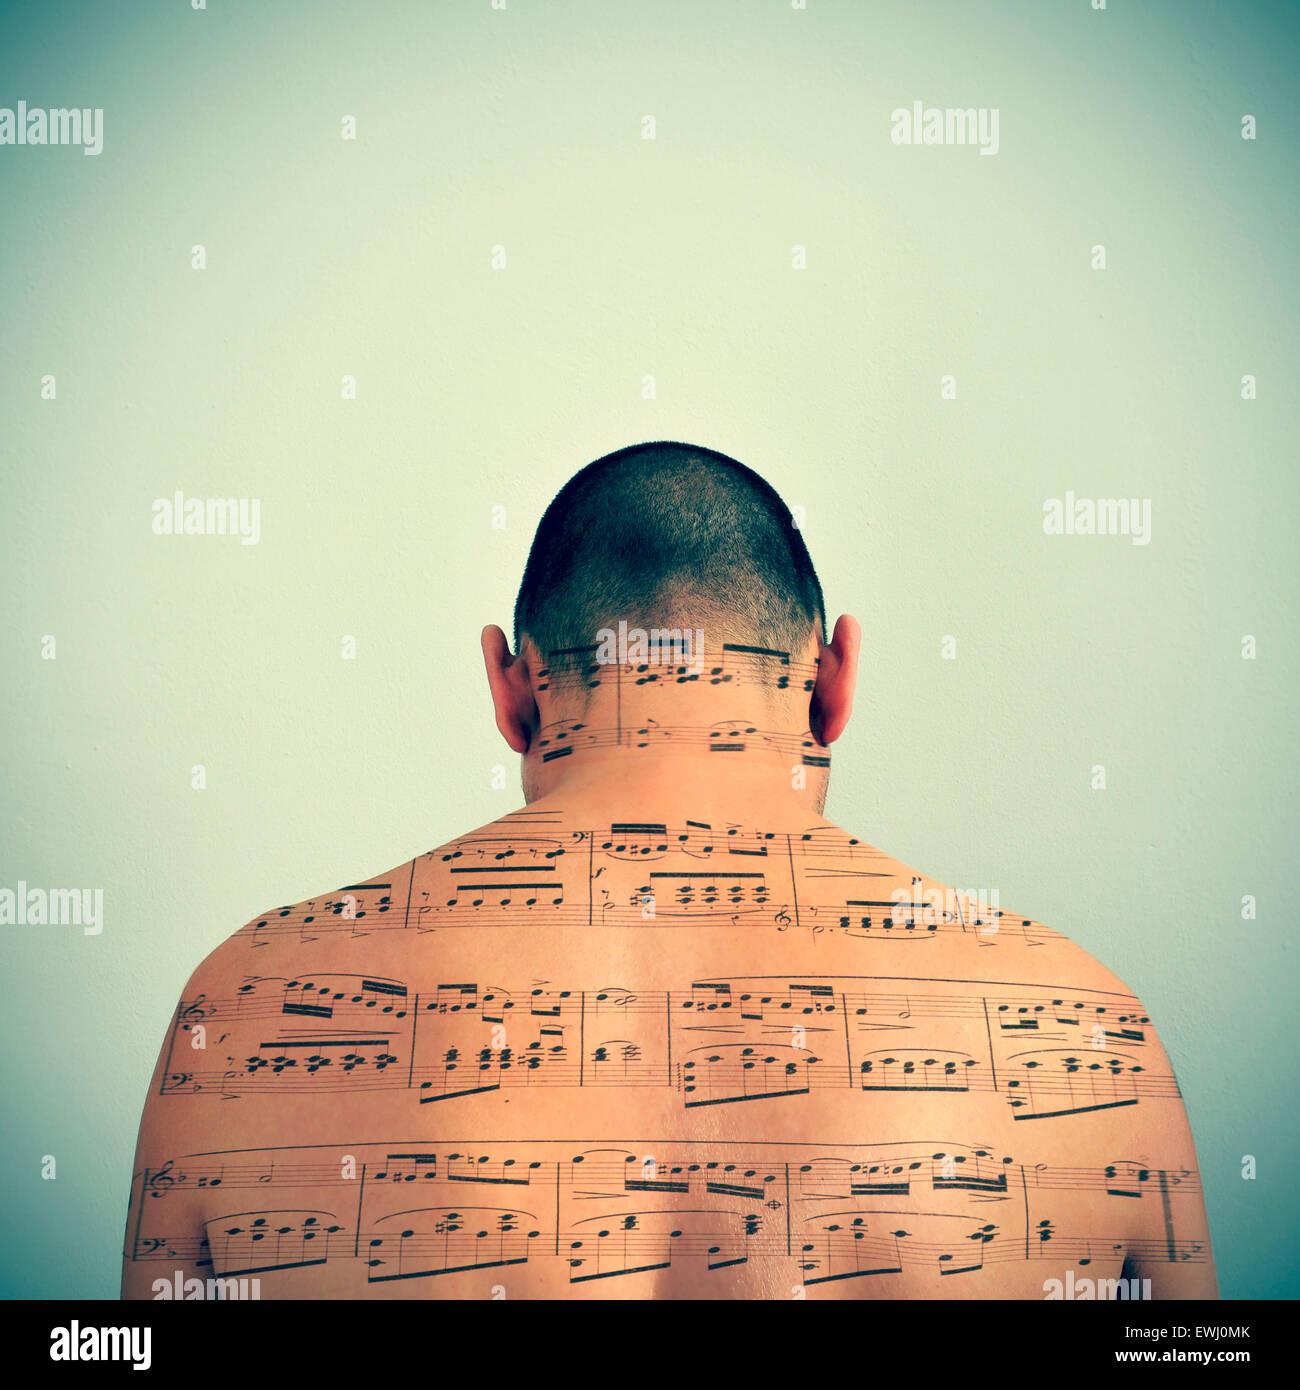 Un joven hombre caucásico con una partitura musical telas en su parte posterior, con un efecto retro Imagen De Stock